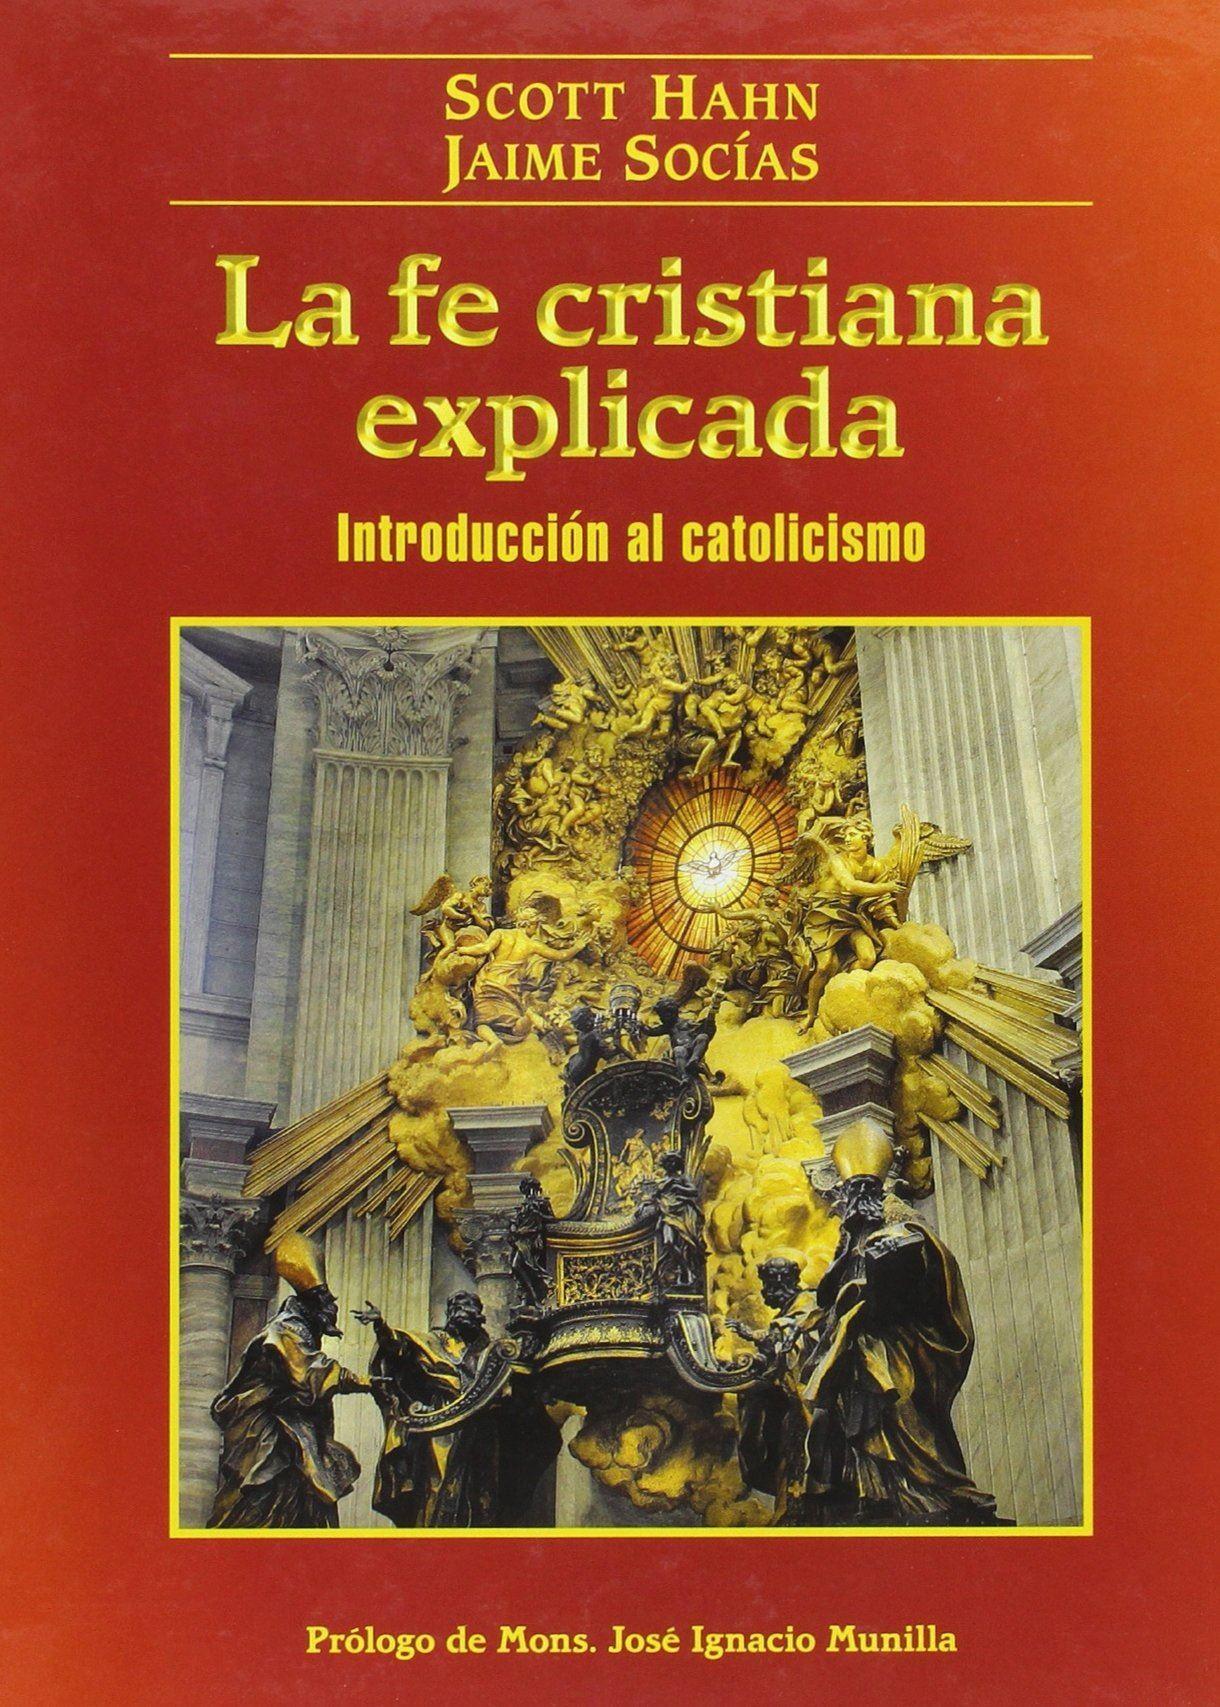 FE CRISTIANA EXPLICADA